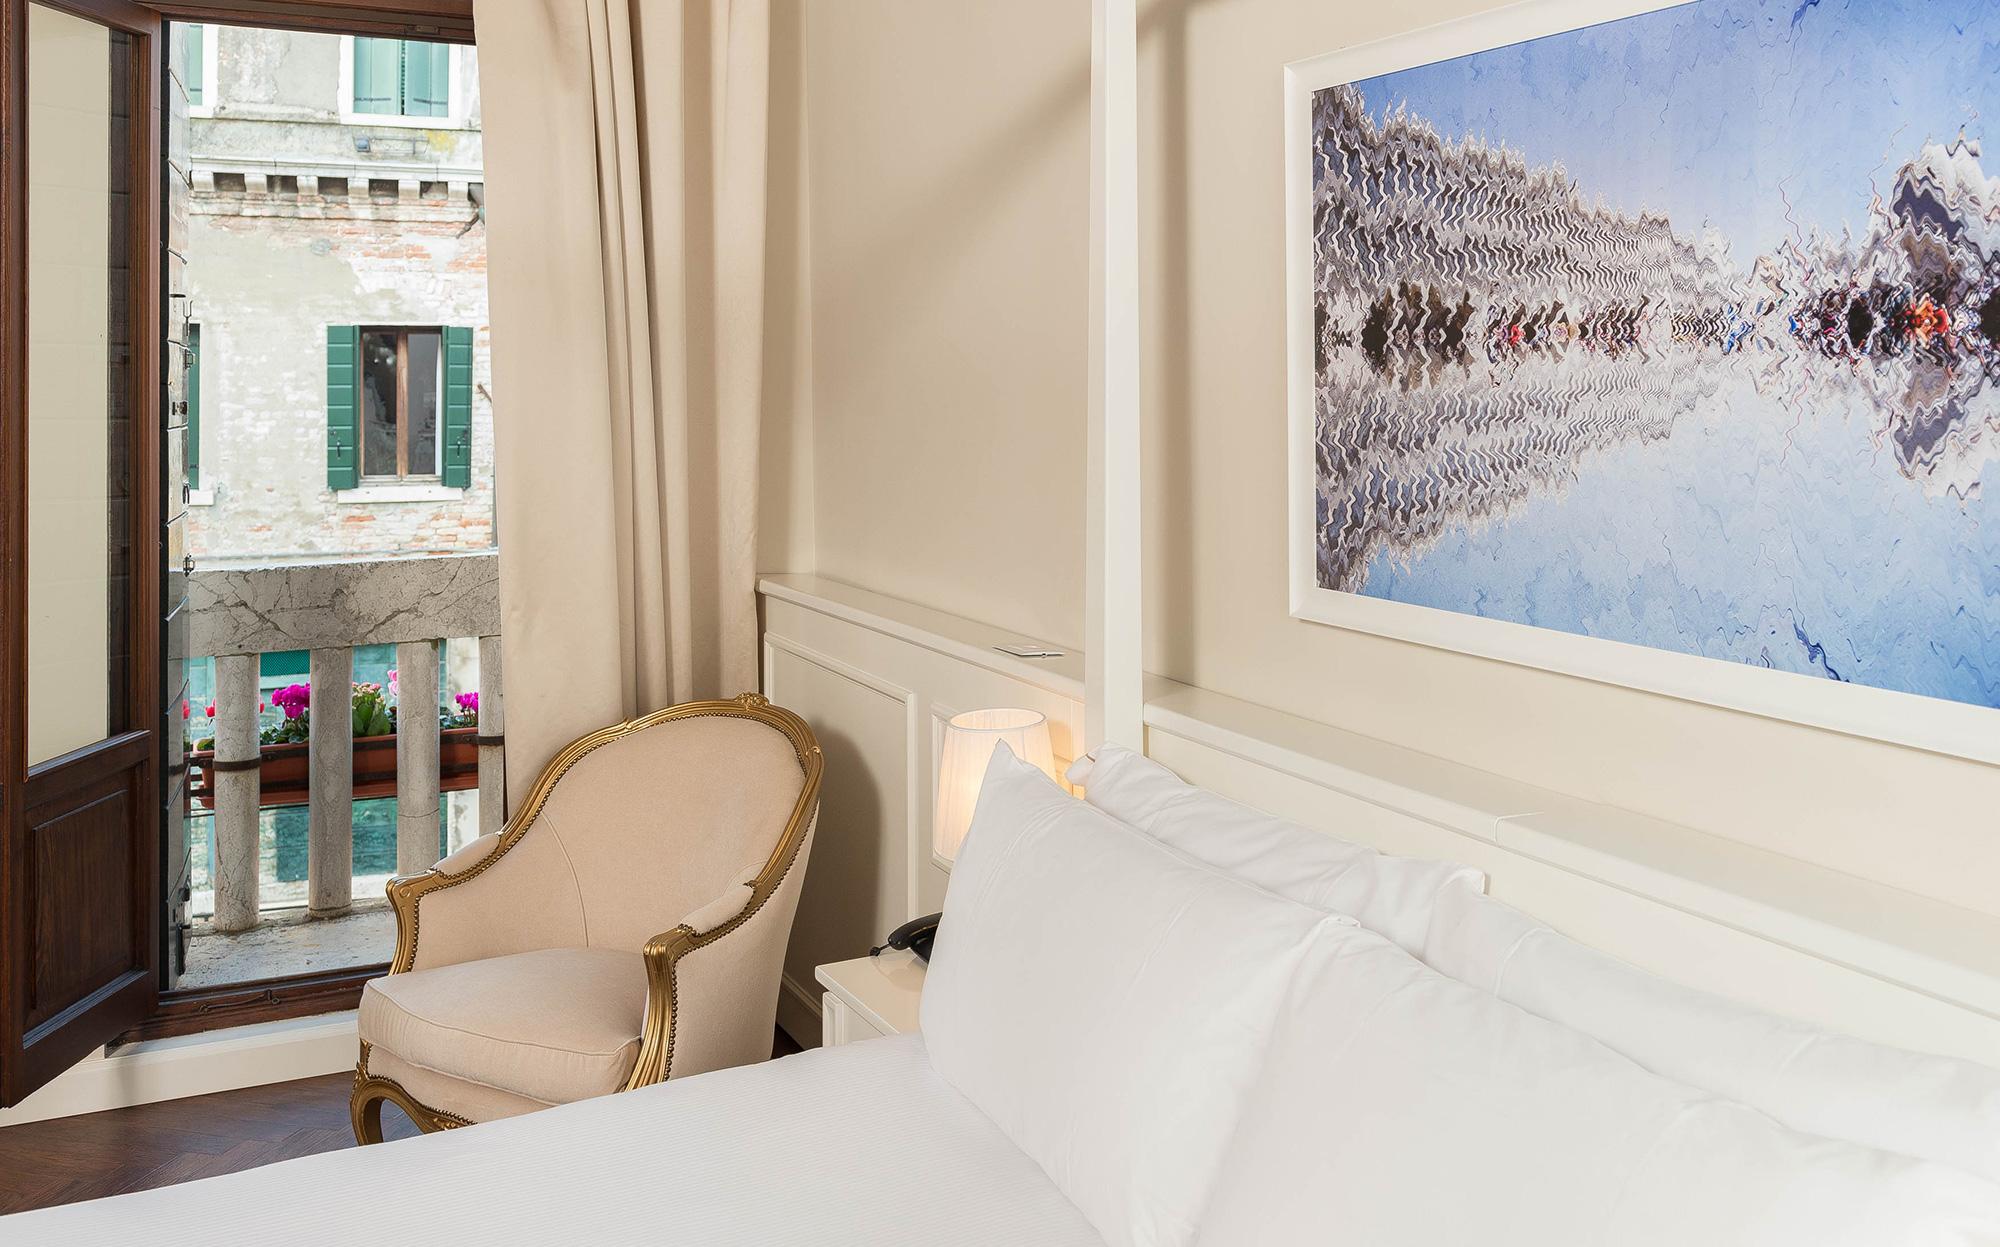 Chambre avec balcon et fauteuil